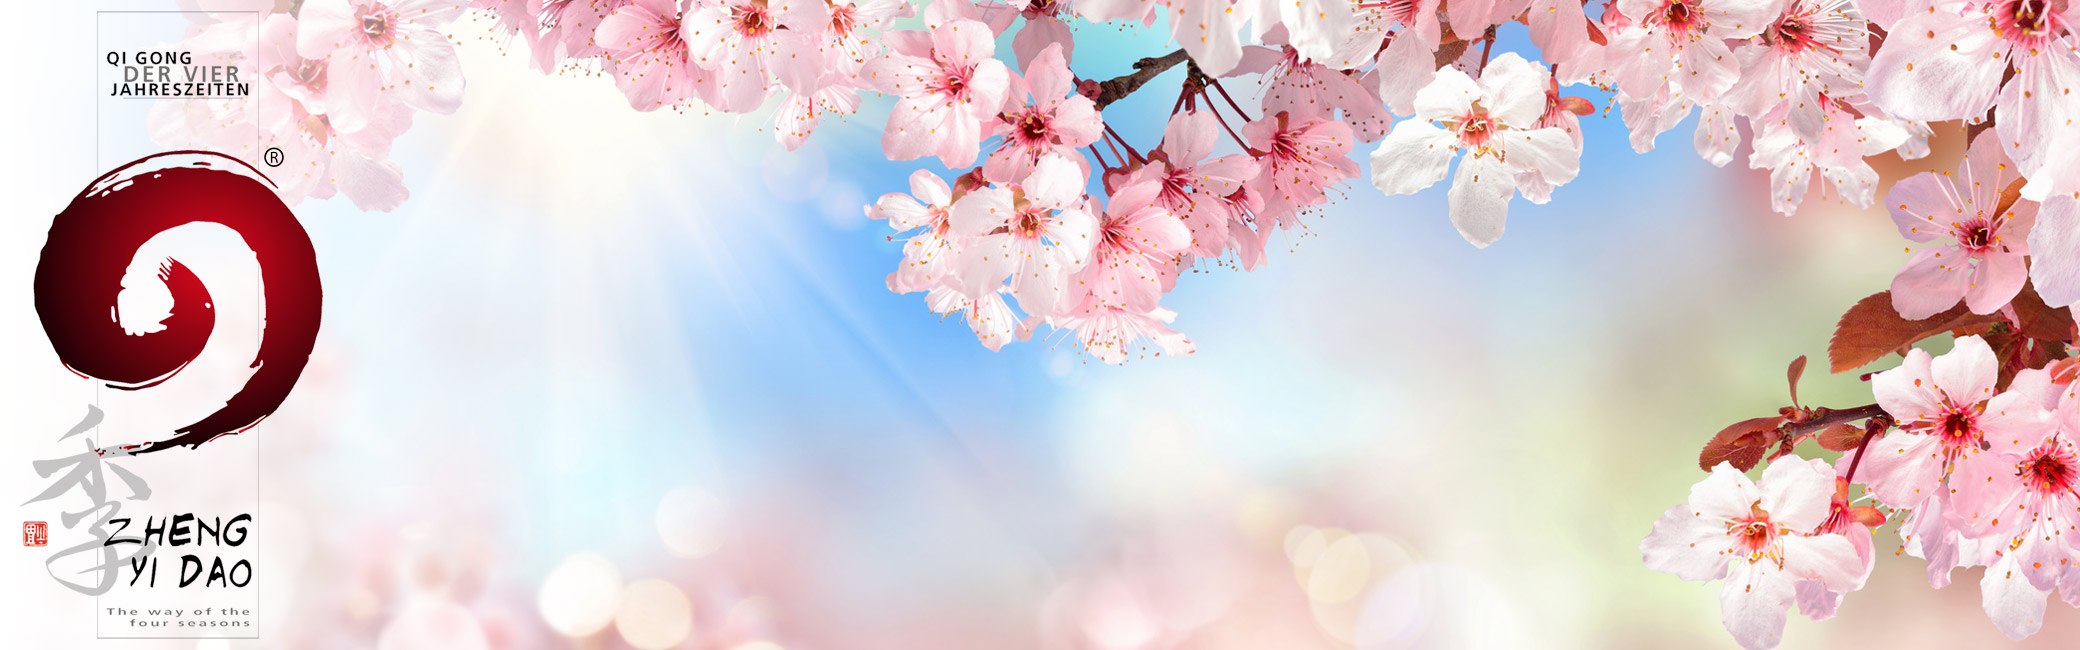 ZhengYi-Dao-Vier-Jahreszeiten-Fruehling01